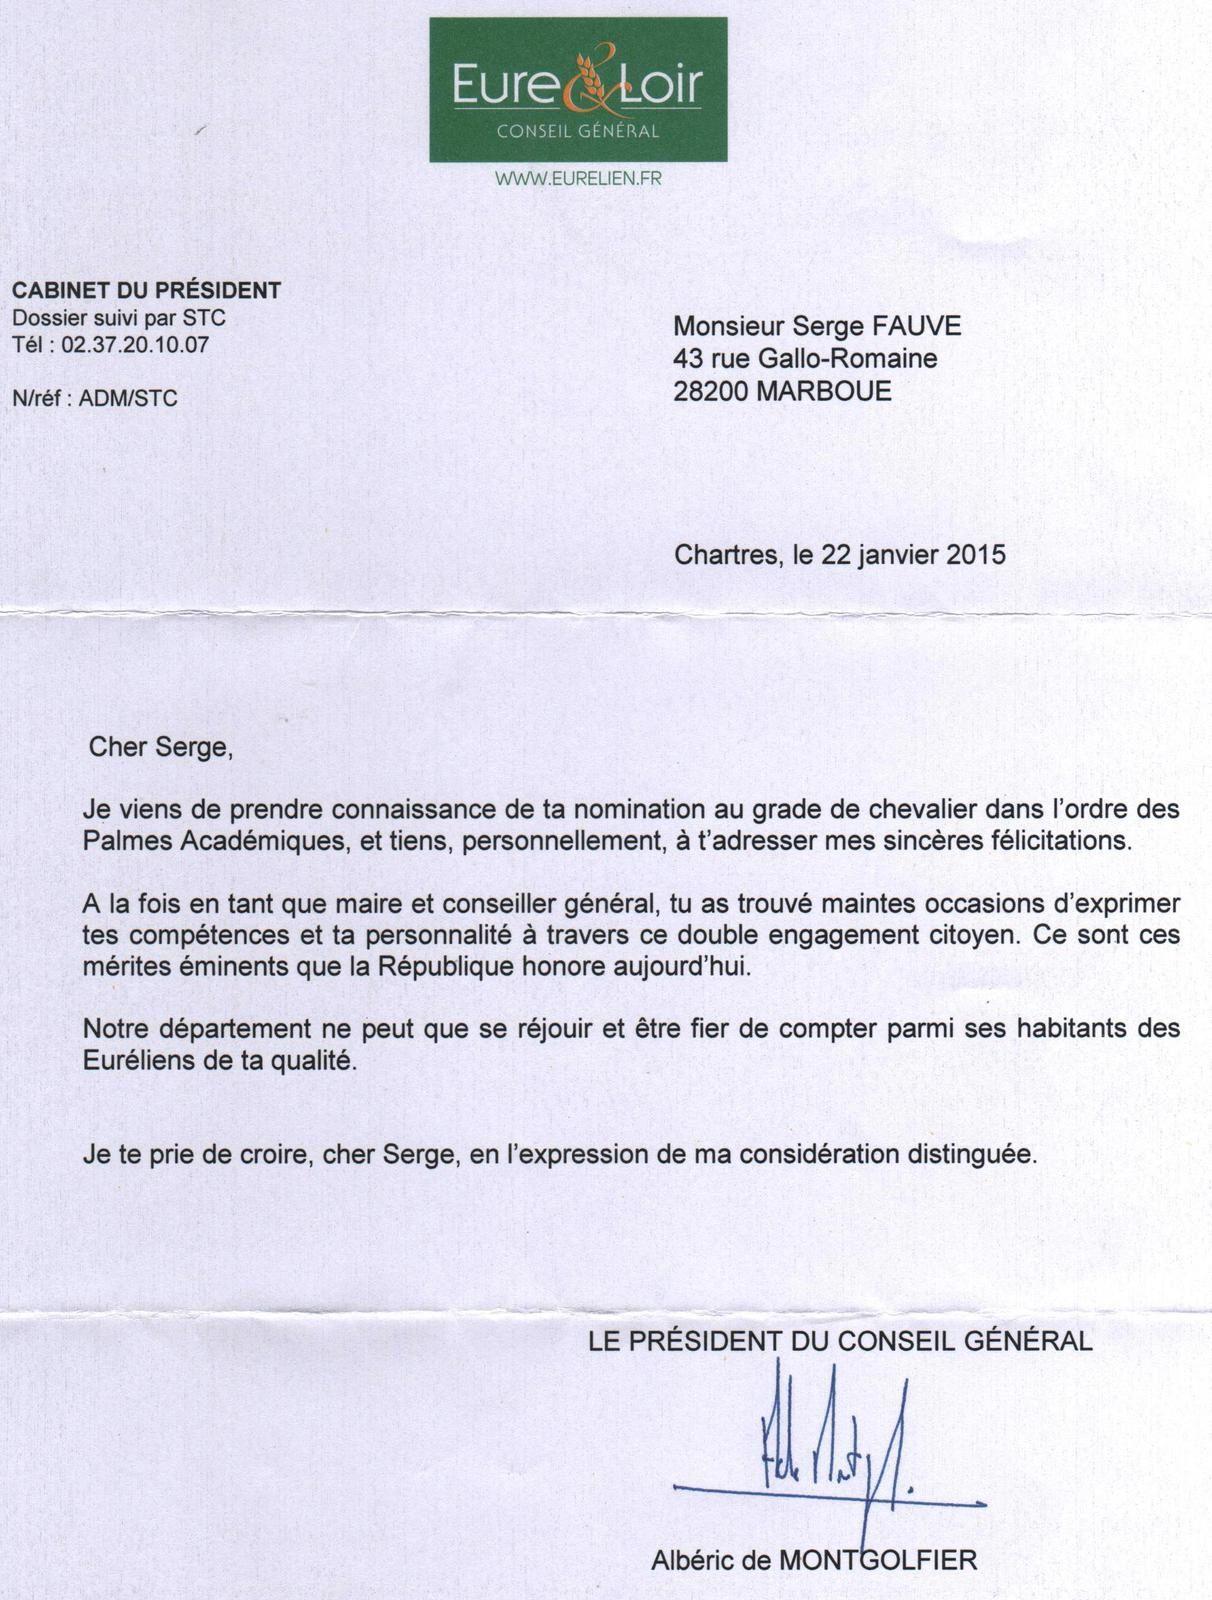 L'adversaire UMP dénigre mon action : réponse par l'image...